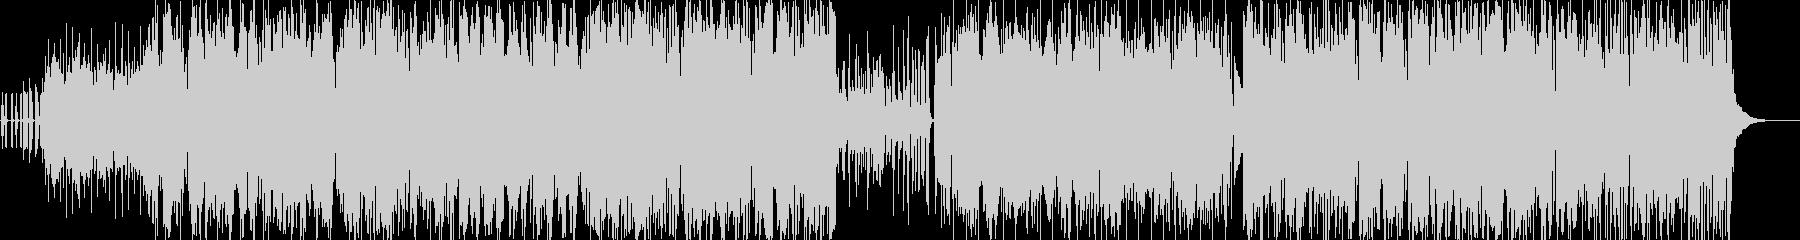 カエルの声とサルサ音楽の未再生の波形